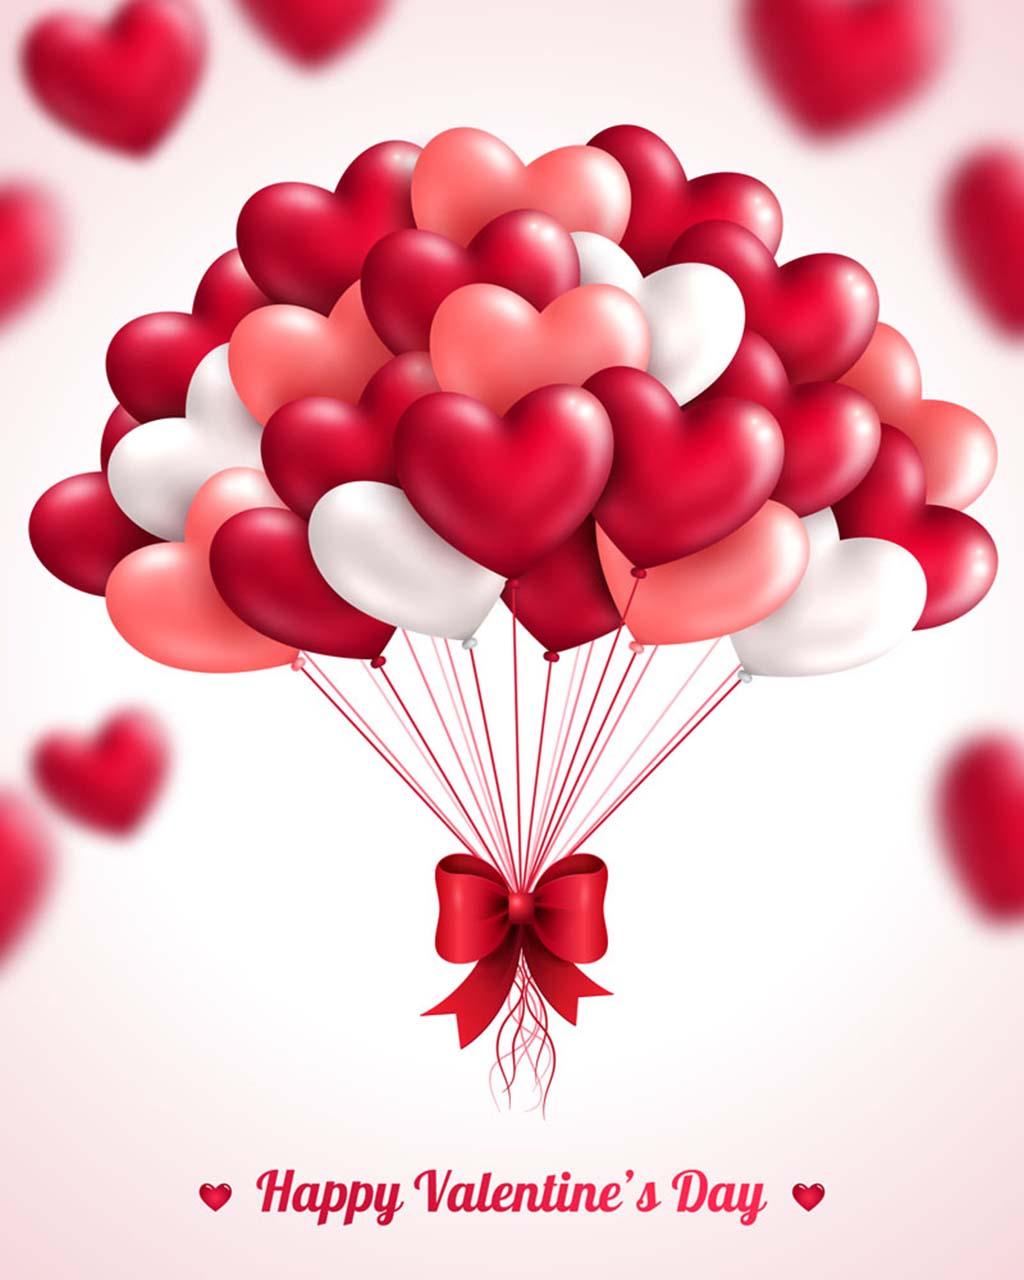 почему открытка с воздушными шарами в виде сердца незамысловатый грим